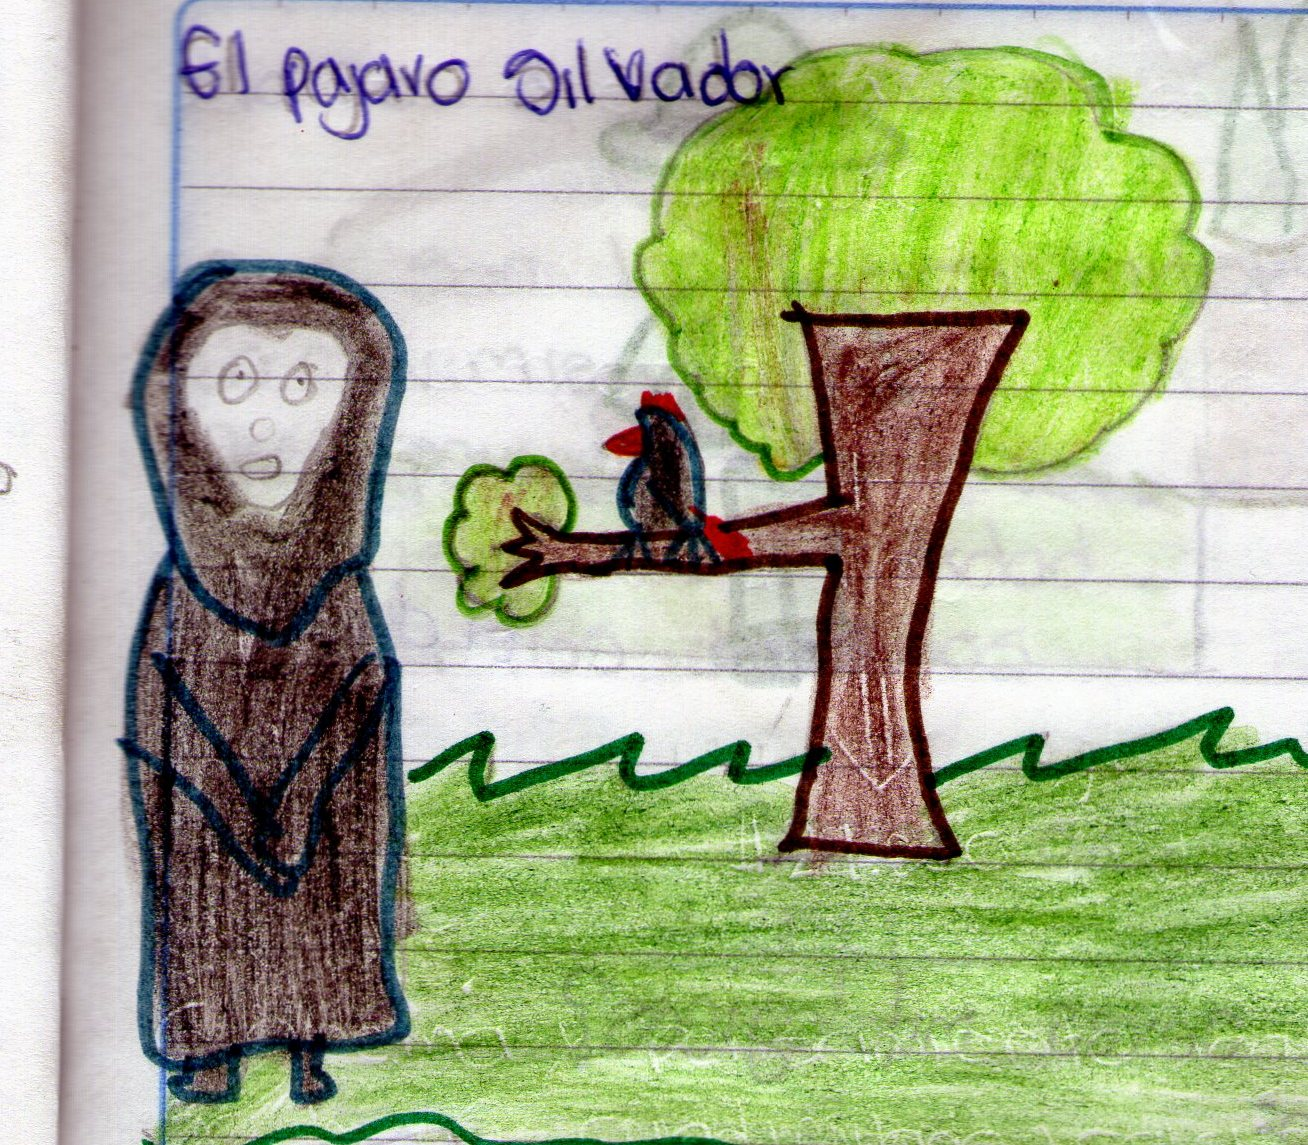 MITOS Y LEYENDAS: EL PÁJARO SILBADOR